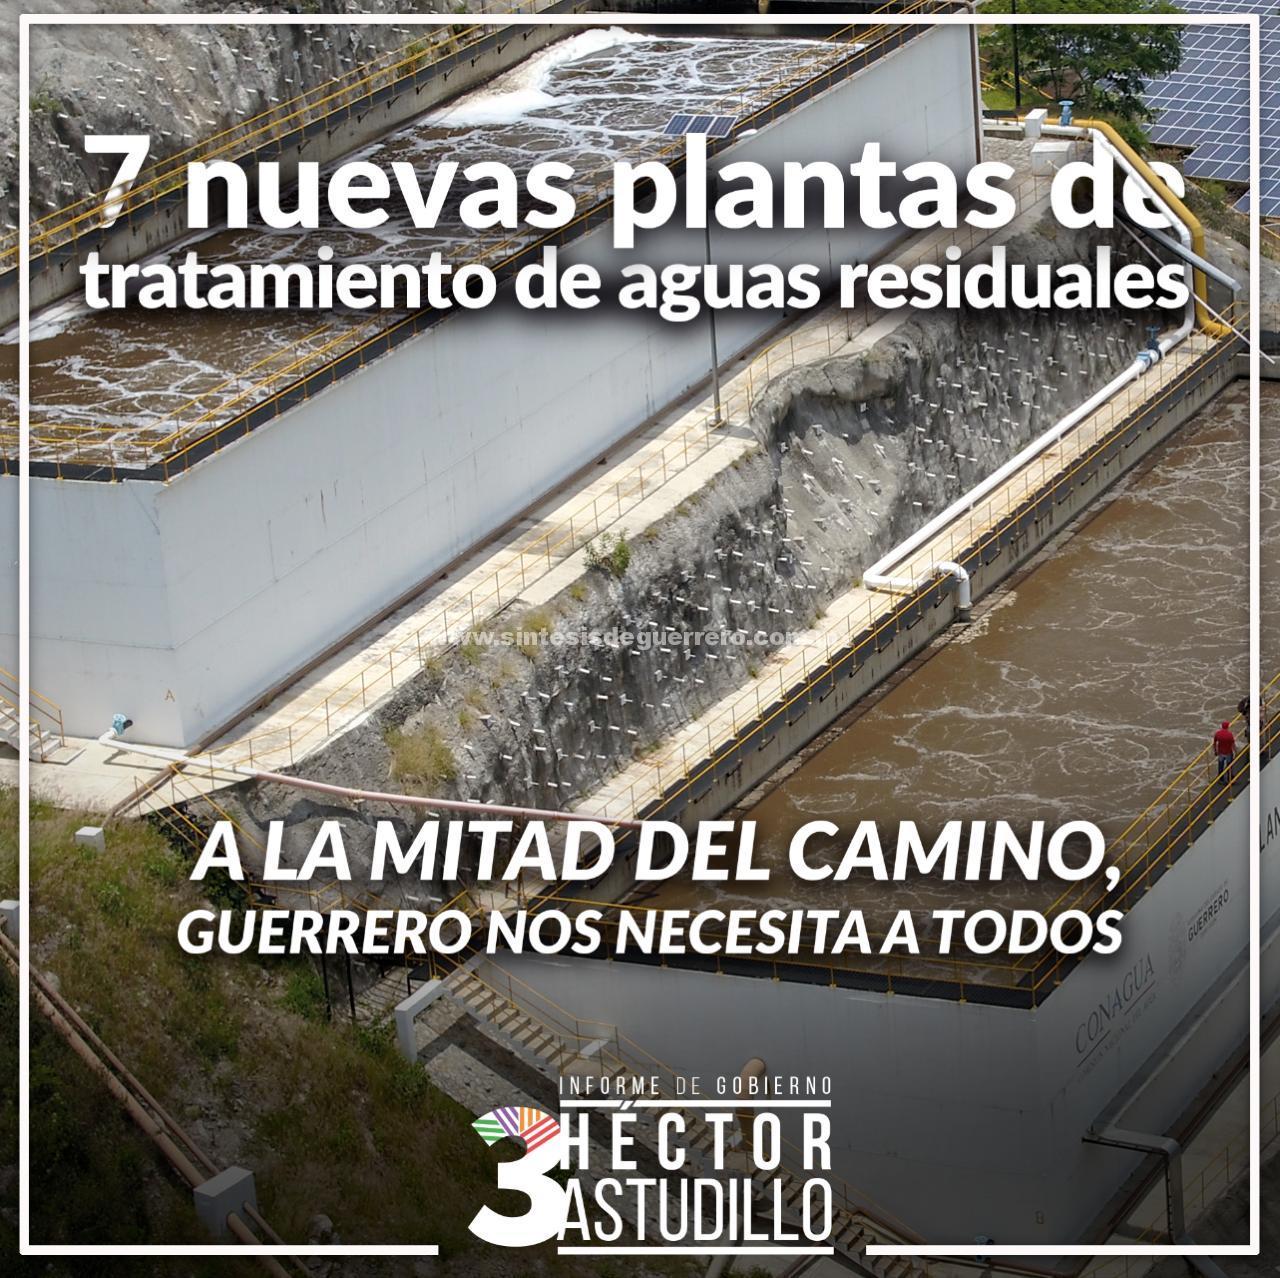 #GuerreroNosNecesita